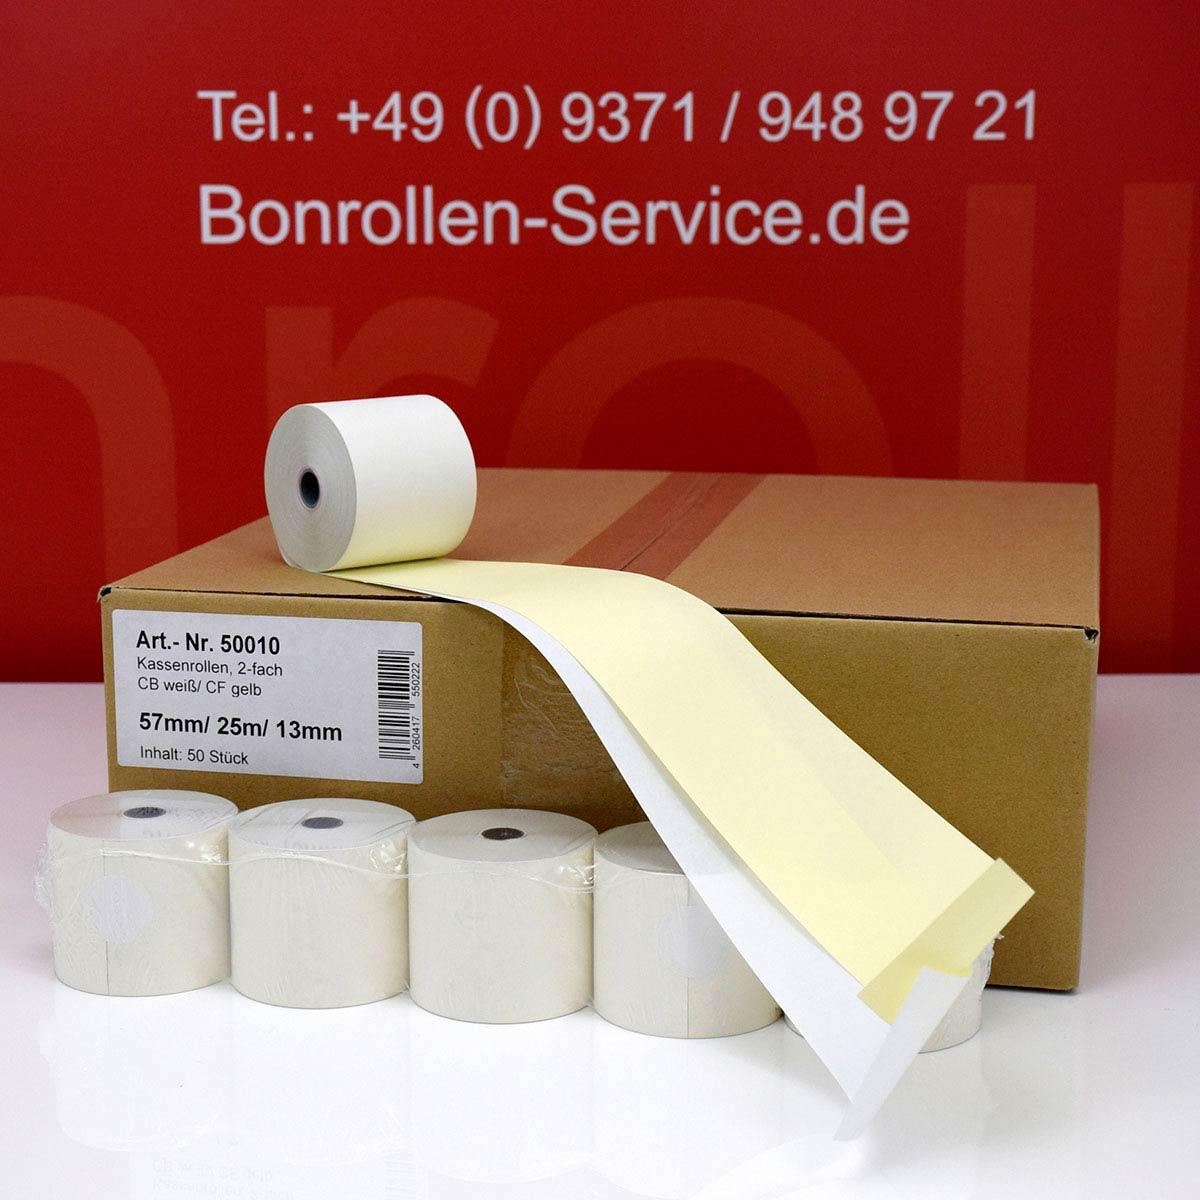 Durchschlagpapier-Rollen 57 / 25m / 13,3 weiß